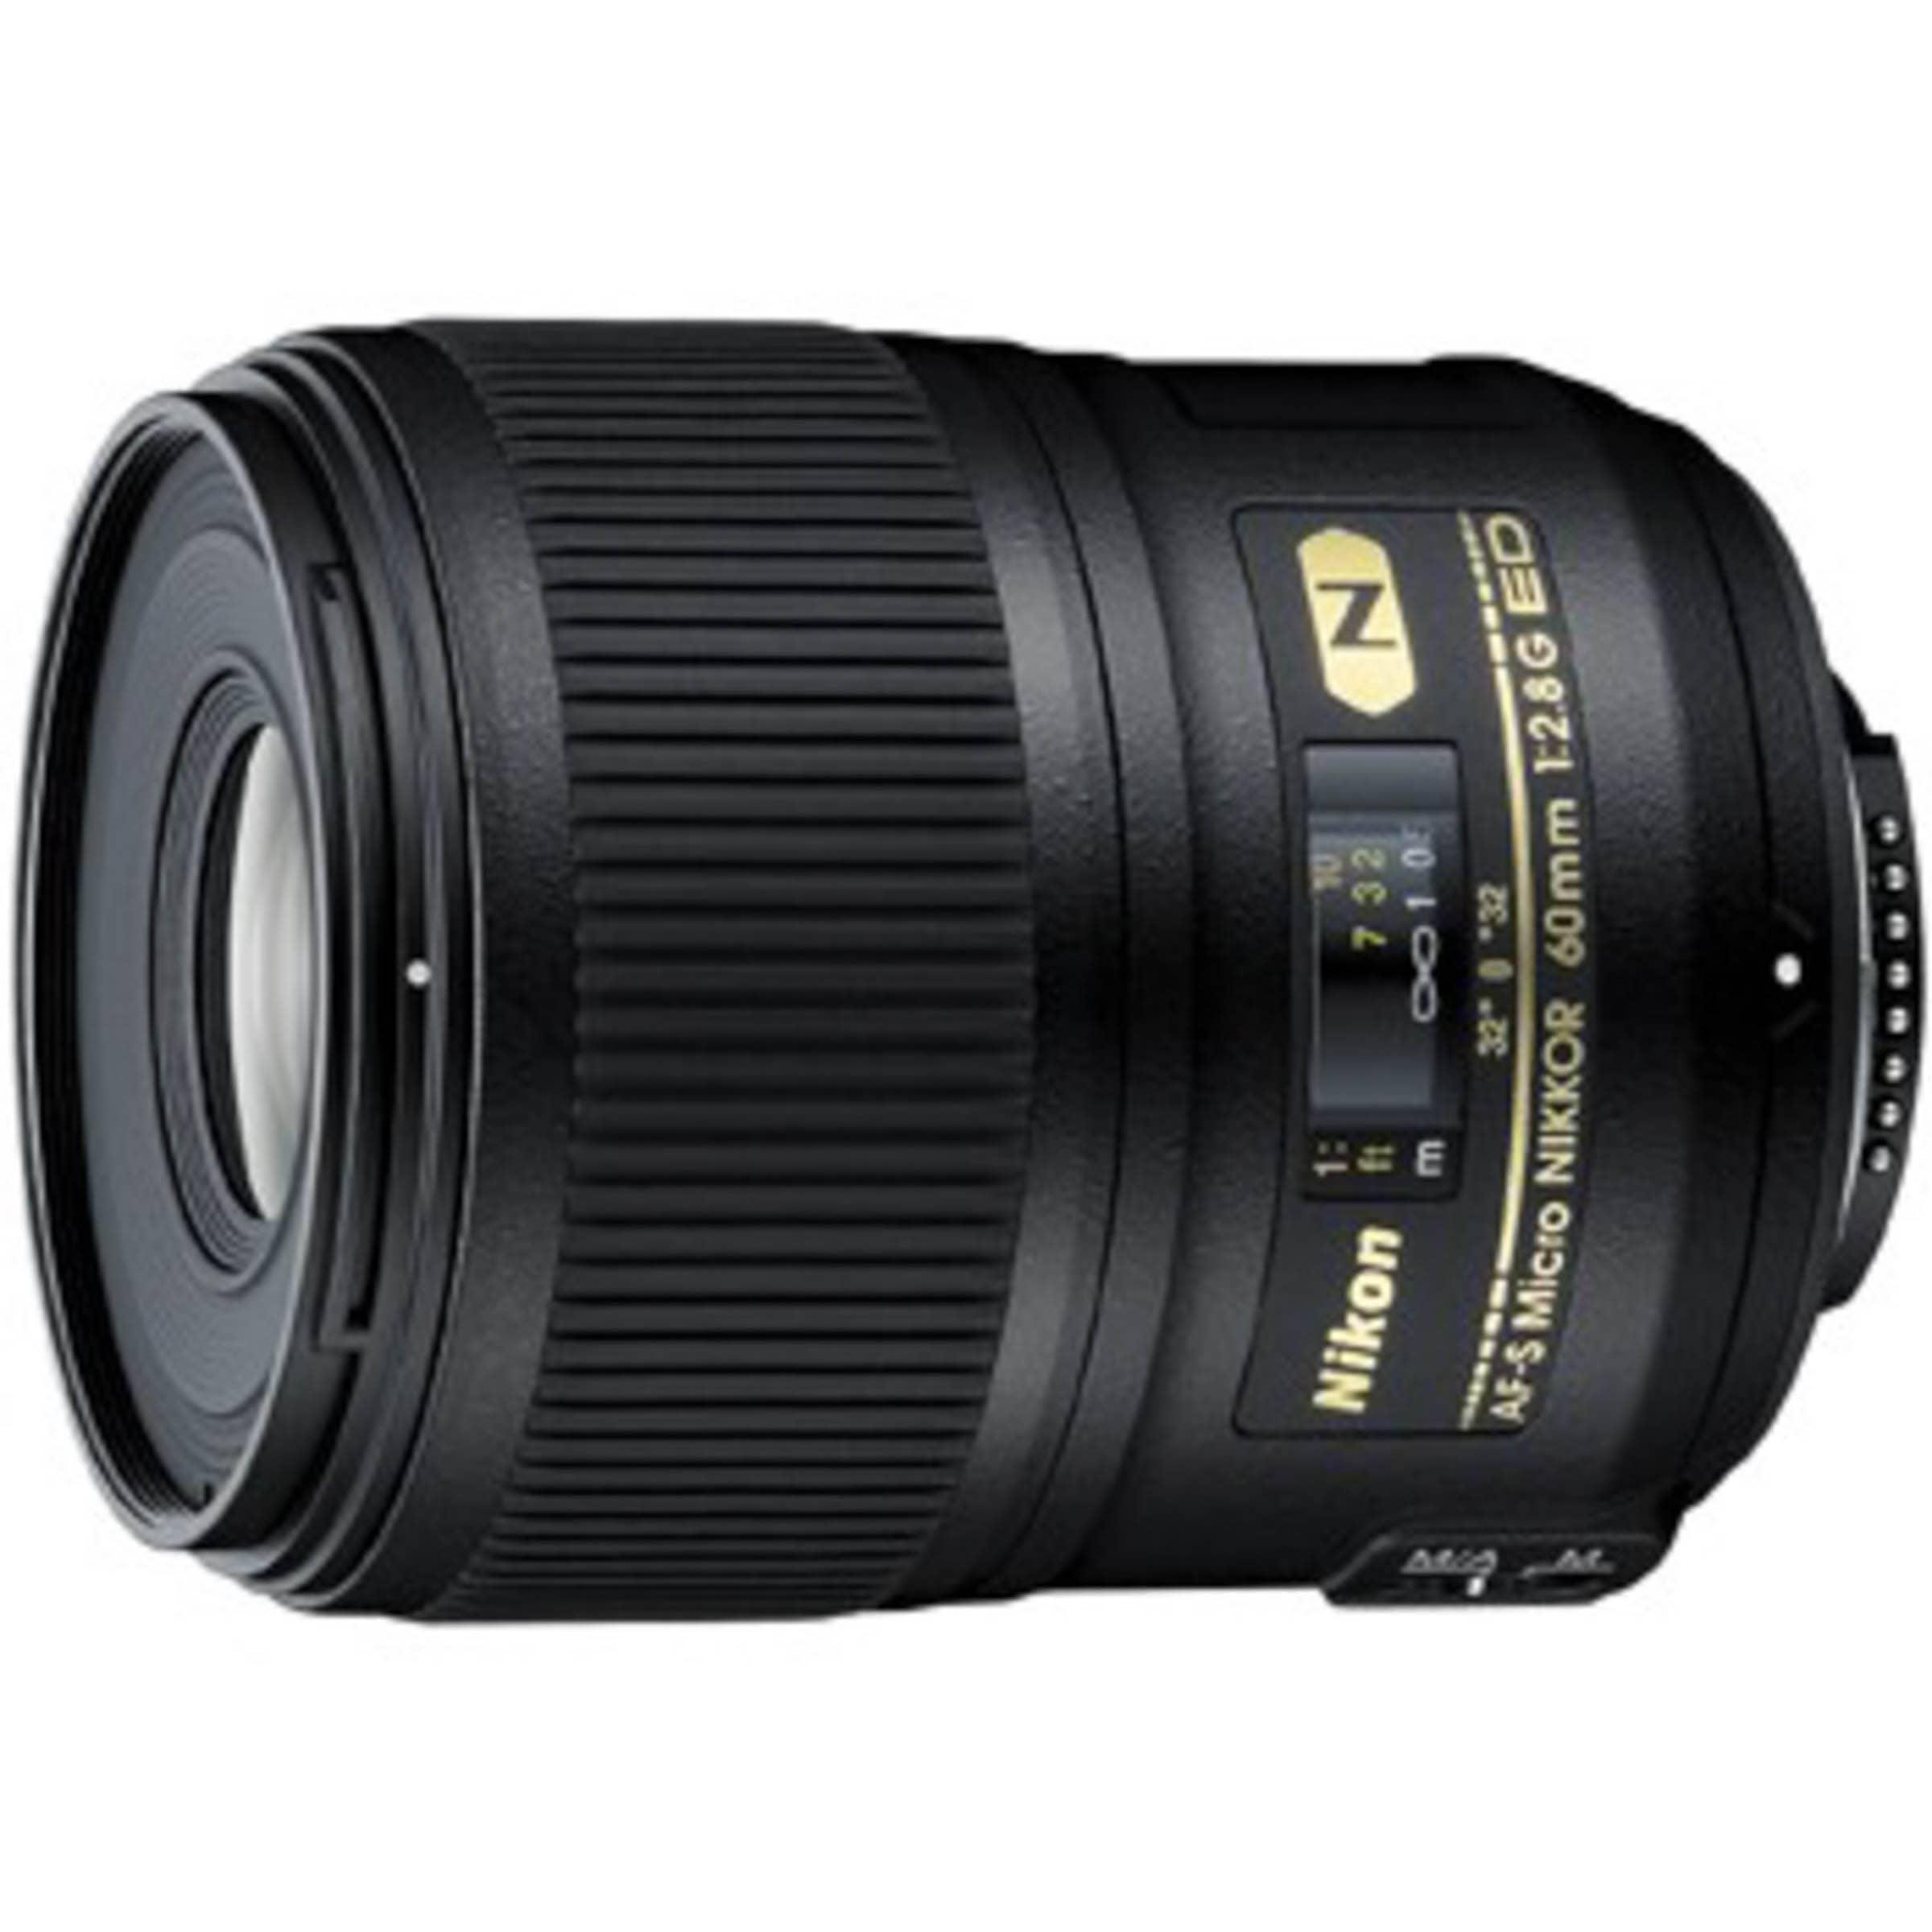 60mm_f2.8g_ed_af-s_micro_nikkor